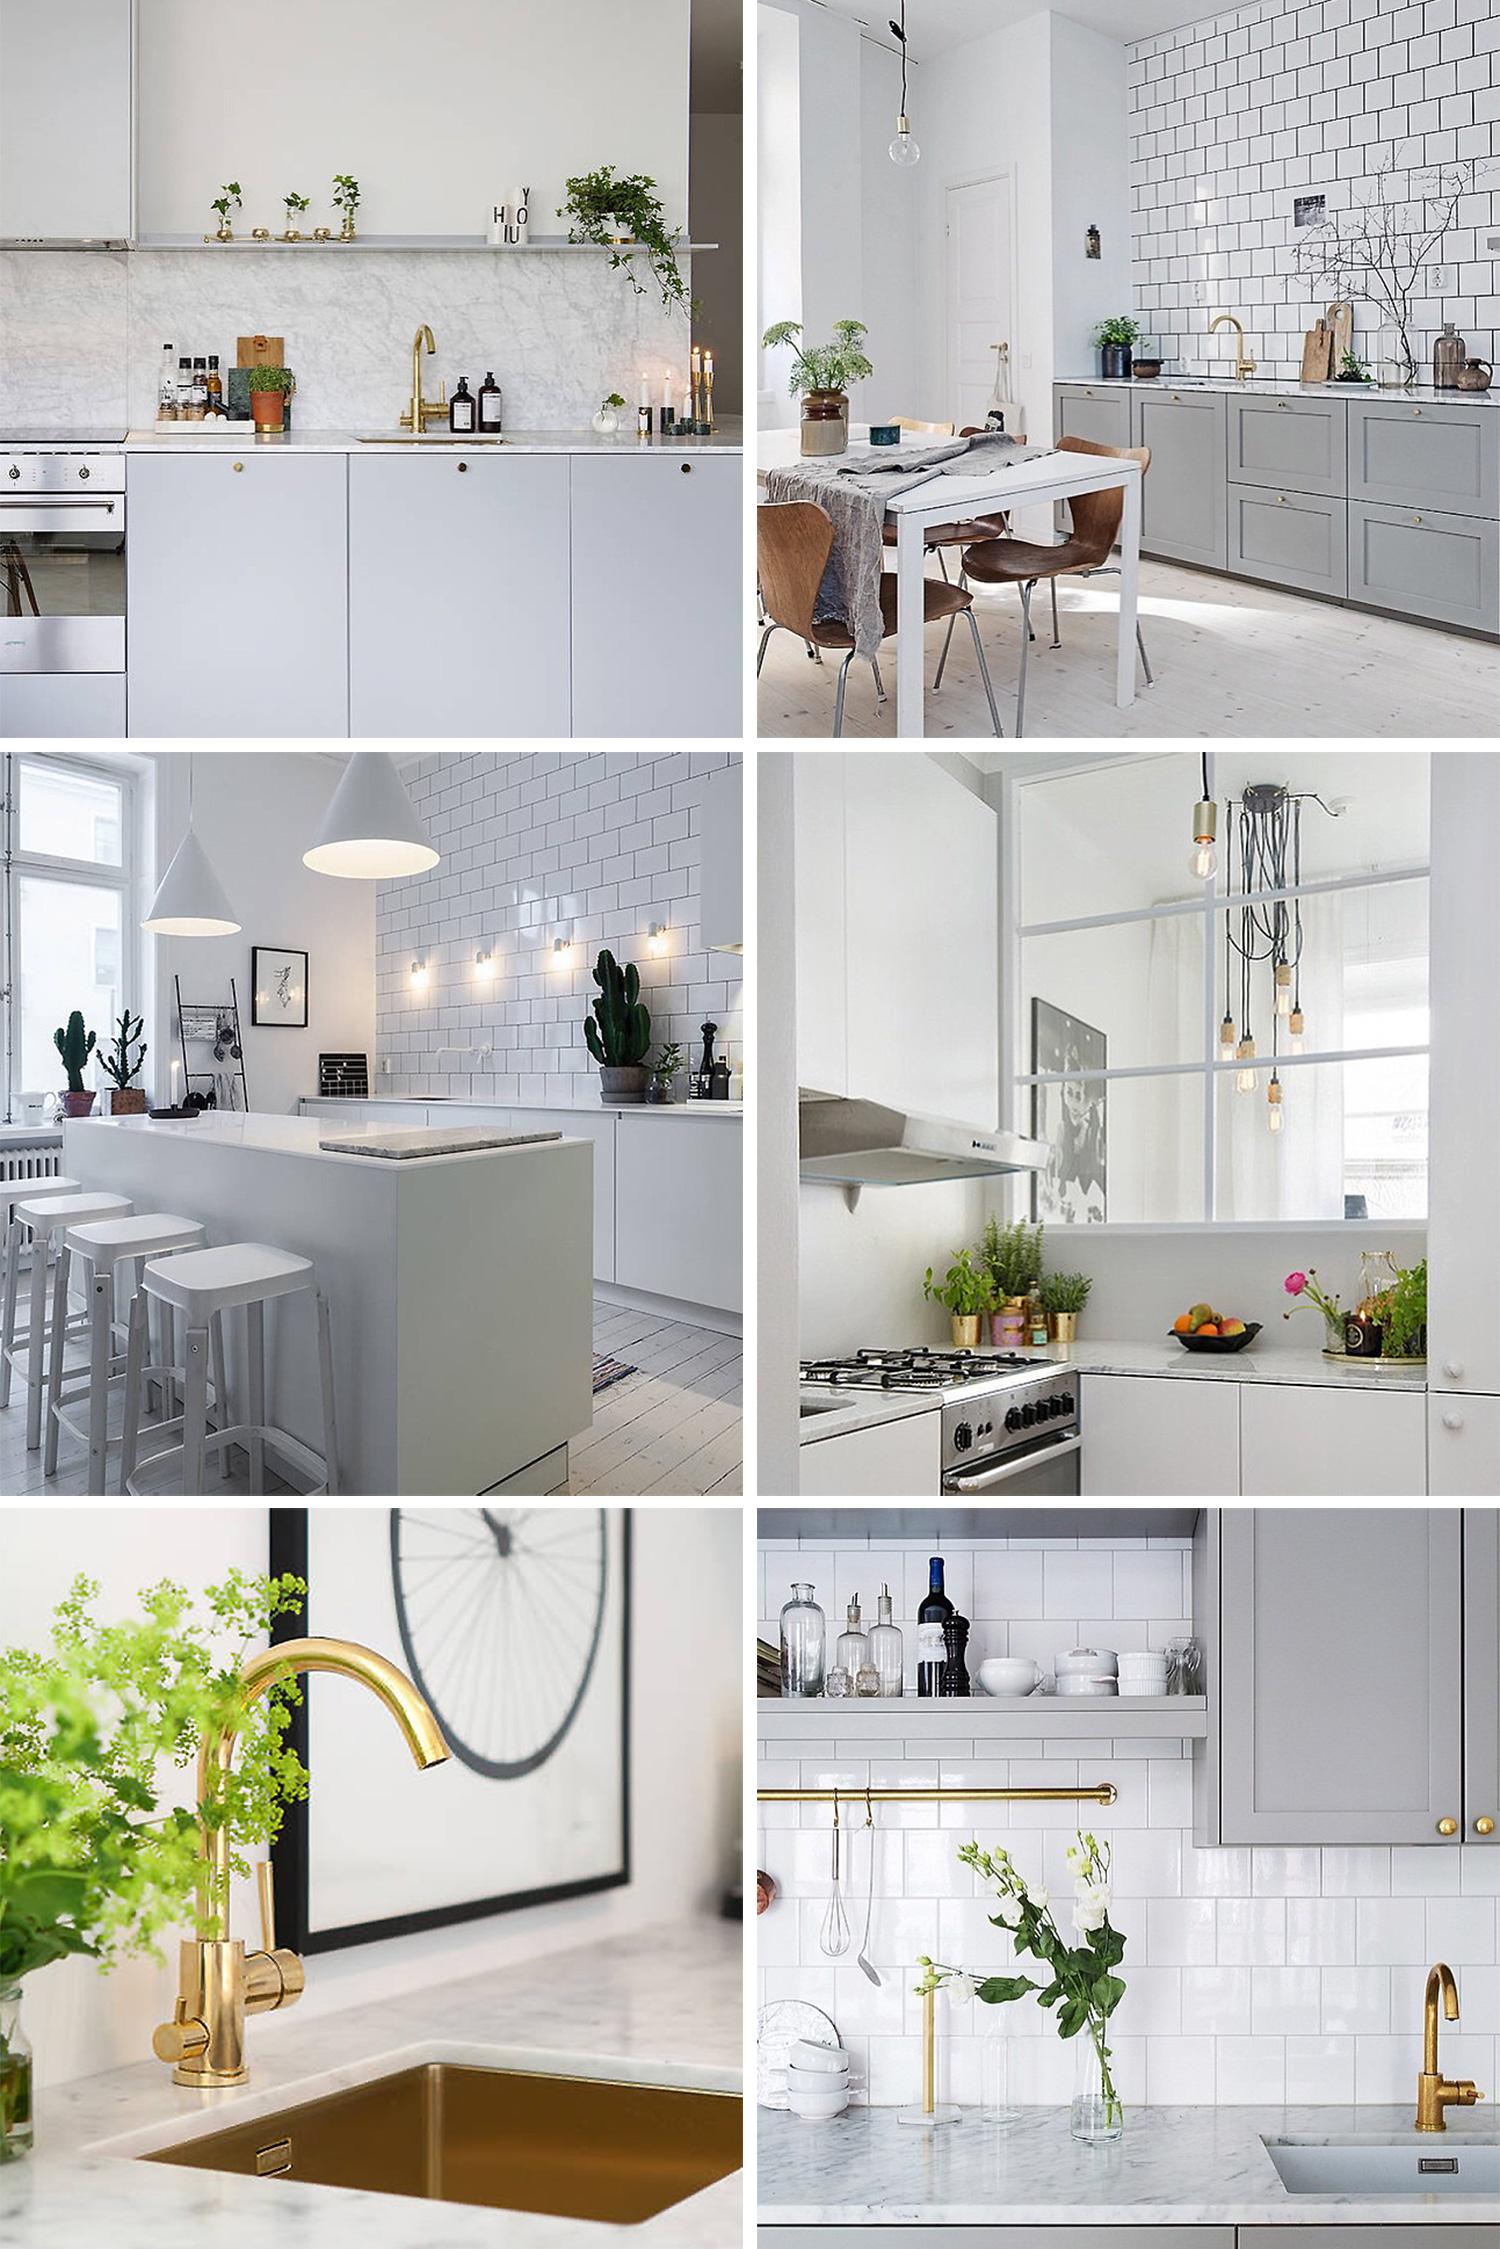 køkken-inspiration@2x